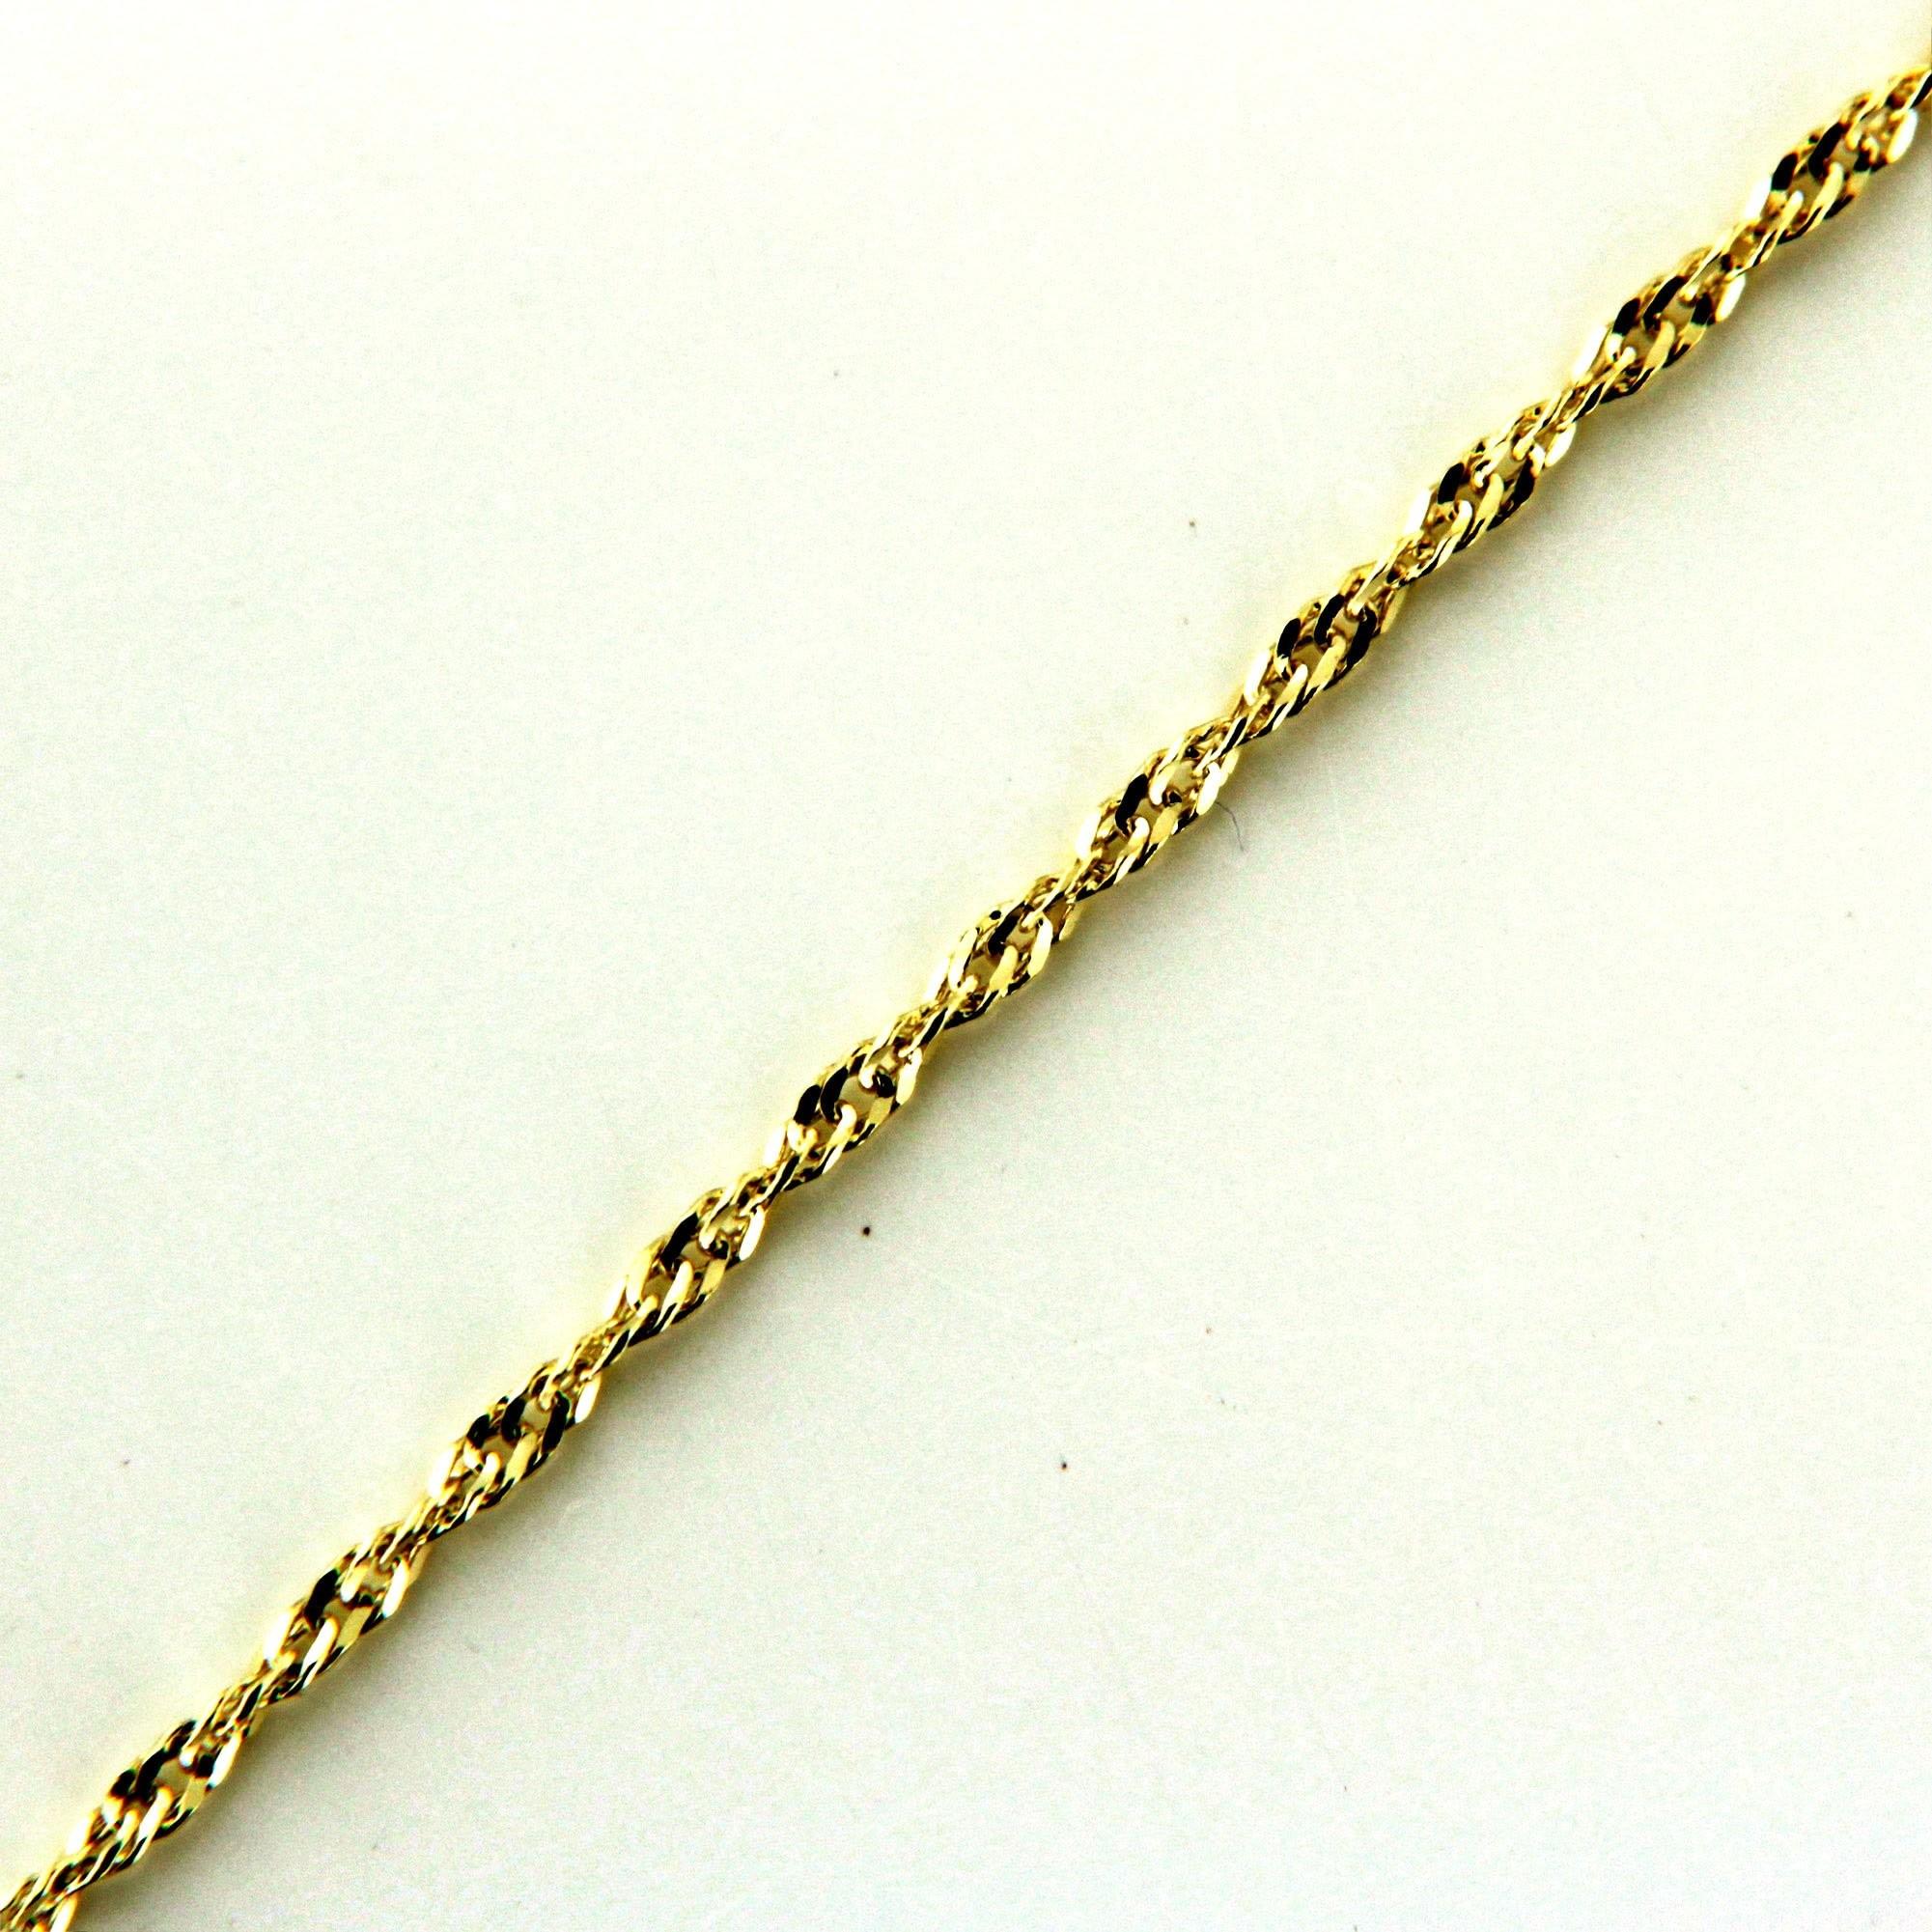 Zlatý řetízek 17288